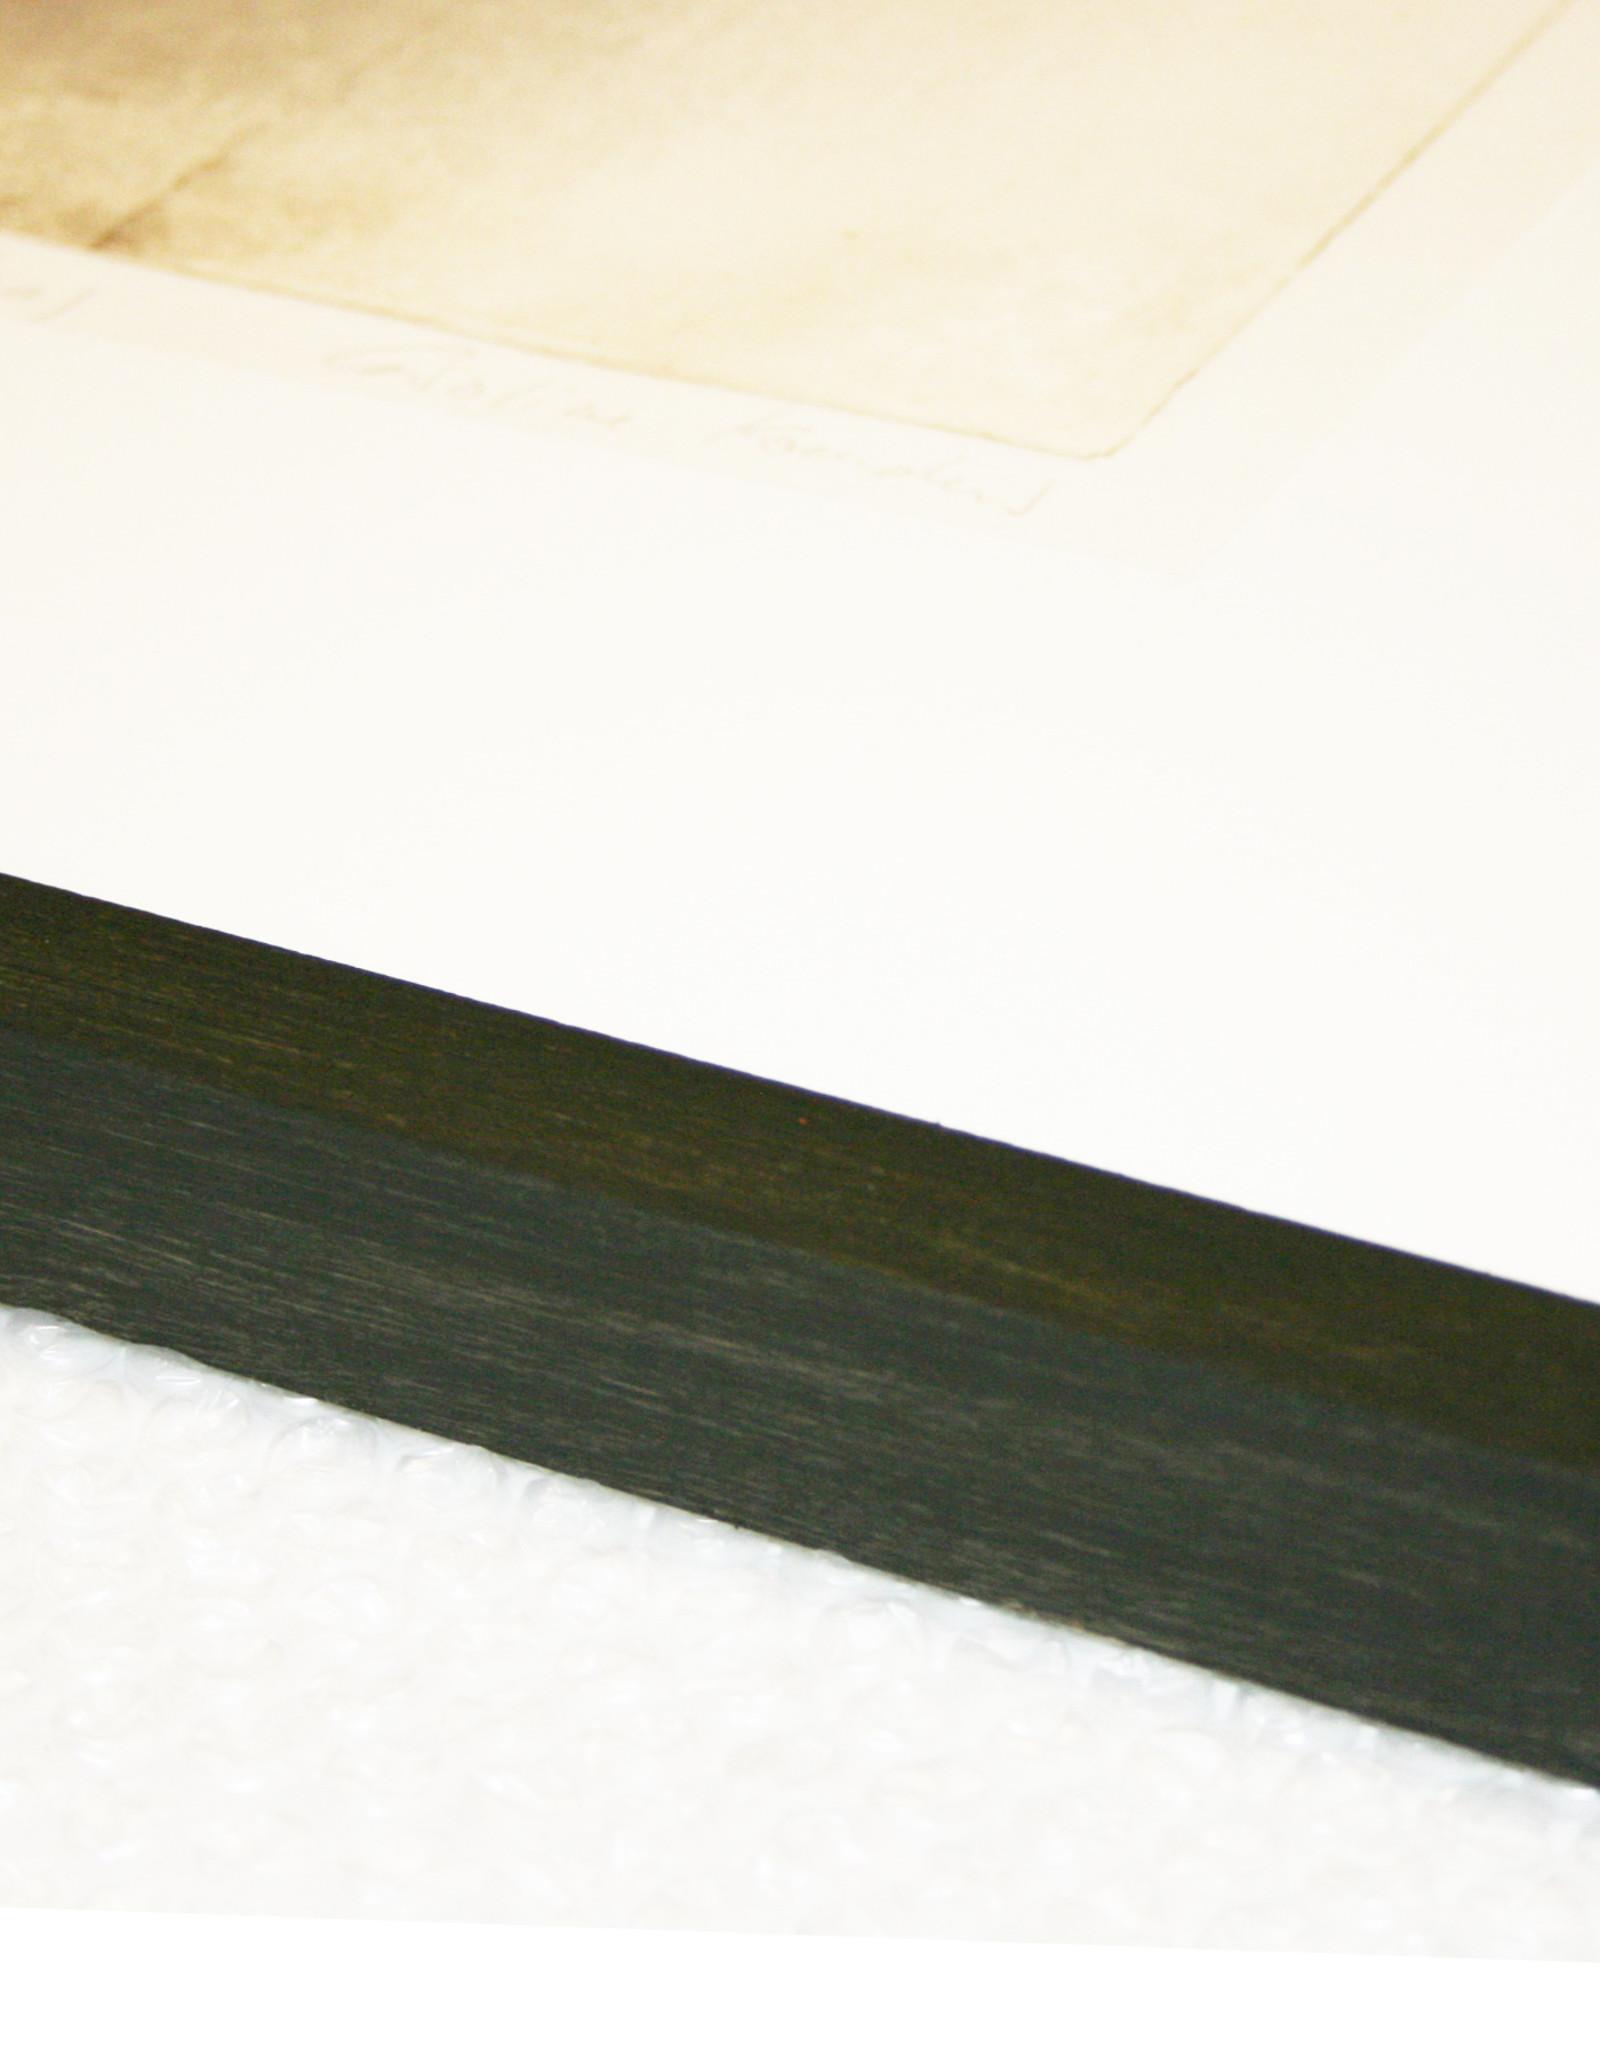 Barth¨ (Larson Juhl) 4x Wissellijst 70x90 Zwart Essen Barth profiel no 210-711: 18x28mm